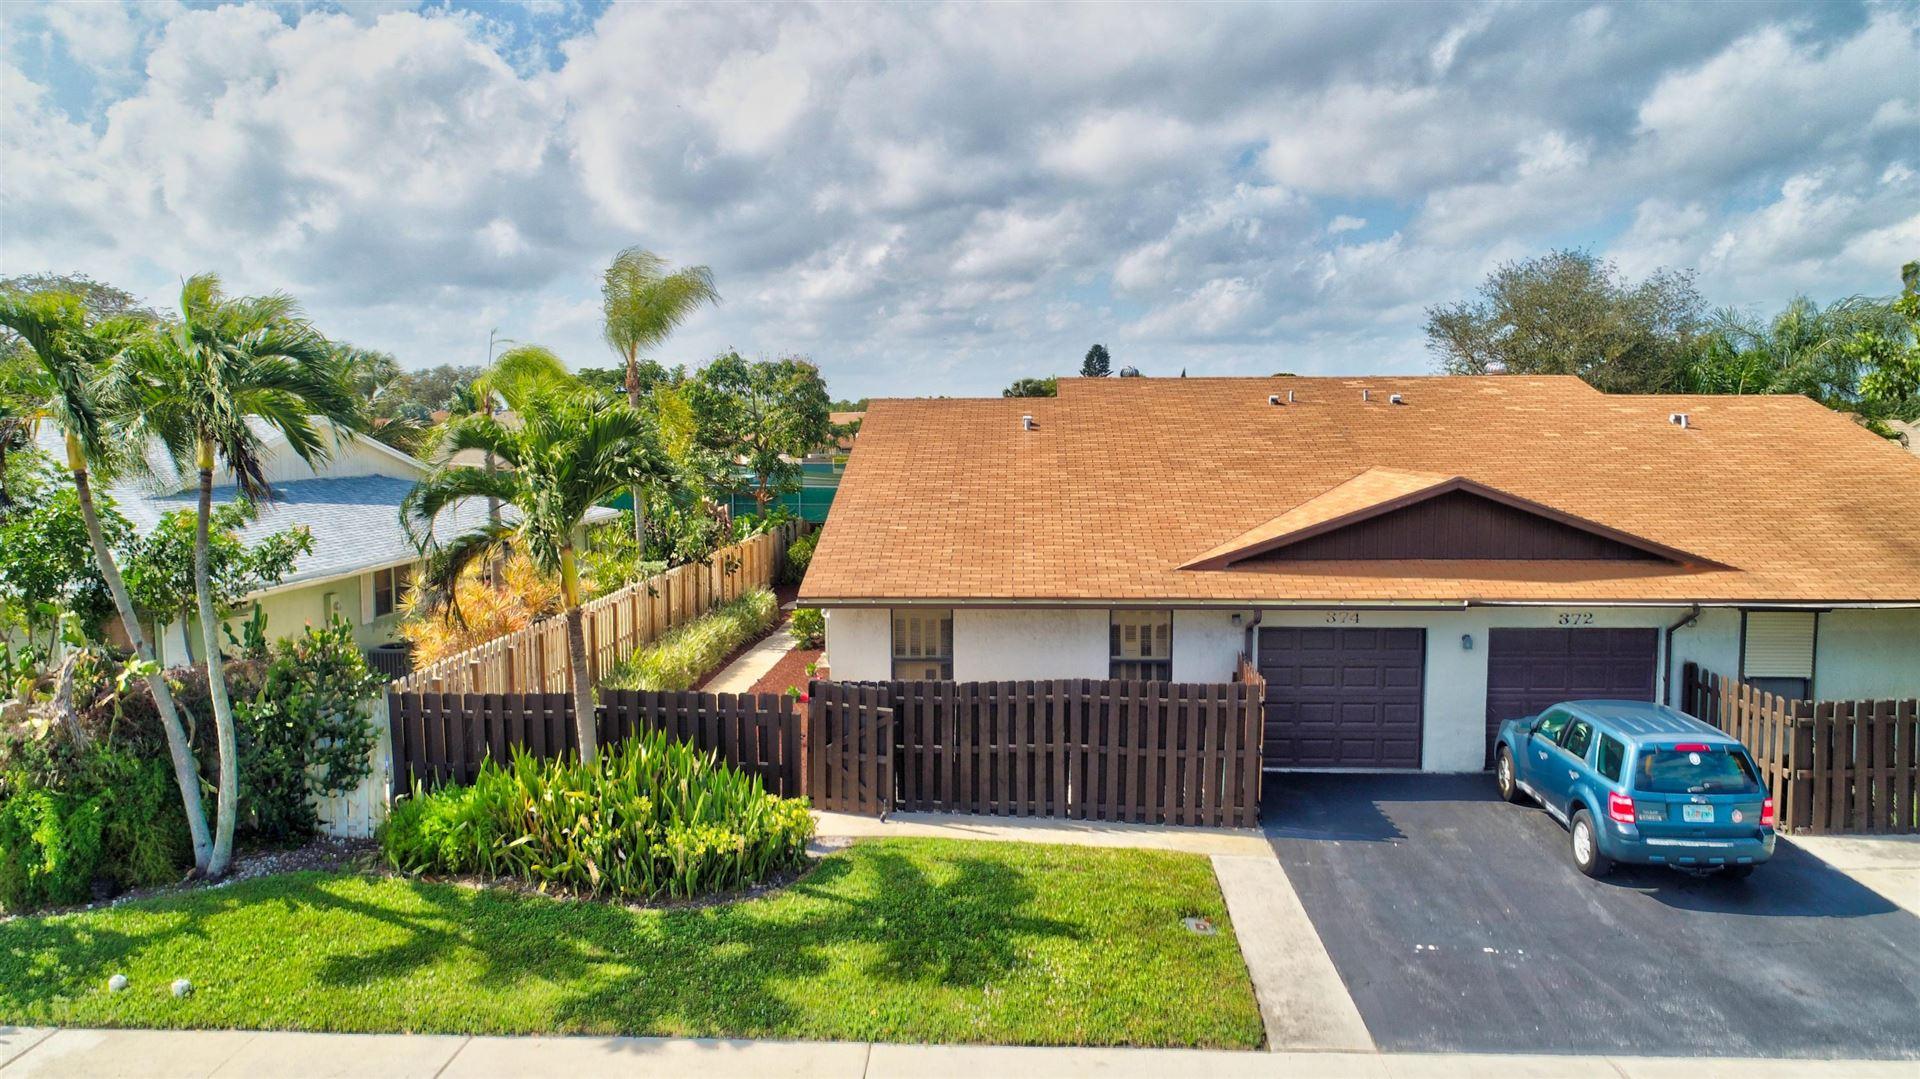 374 SW 27th Avenue #, Delray Beach, FL 33445 - #: RX-10597877